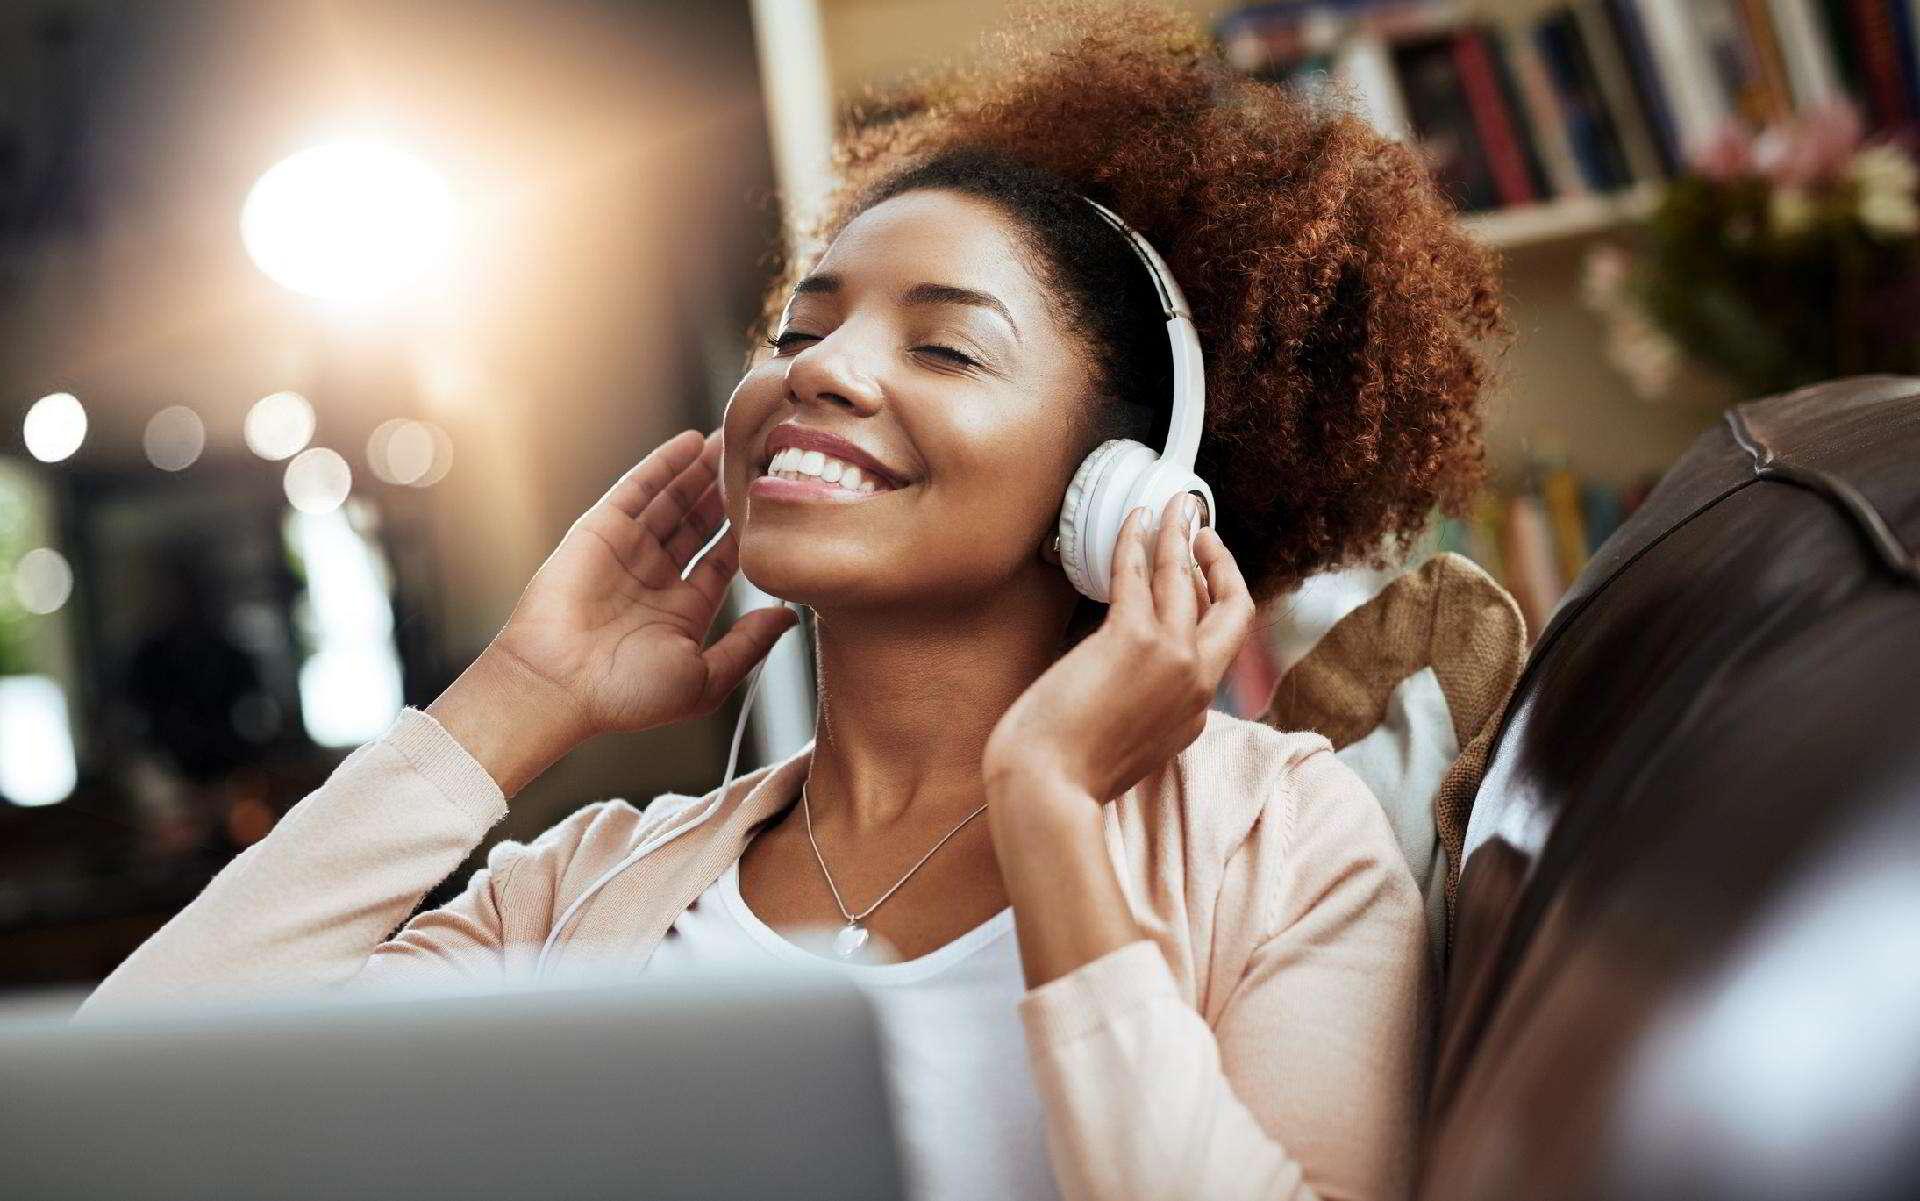 O que músicas virais e doenças infecciosas tem em comum? Estudo revela que mais do que se imagina